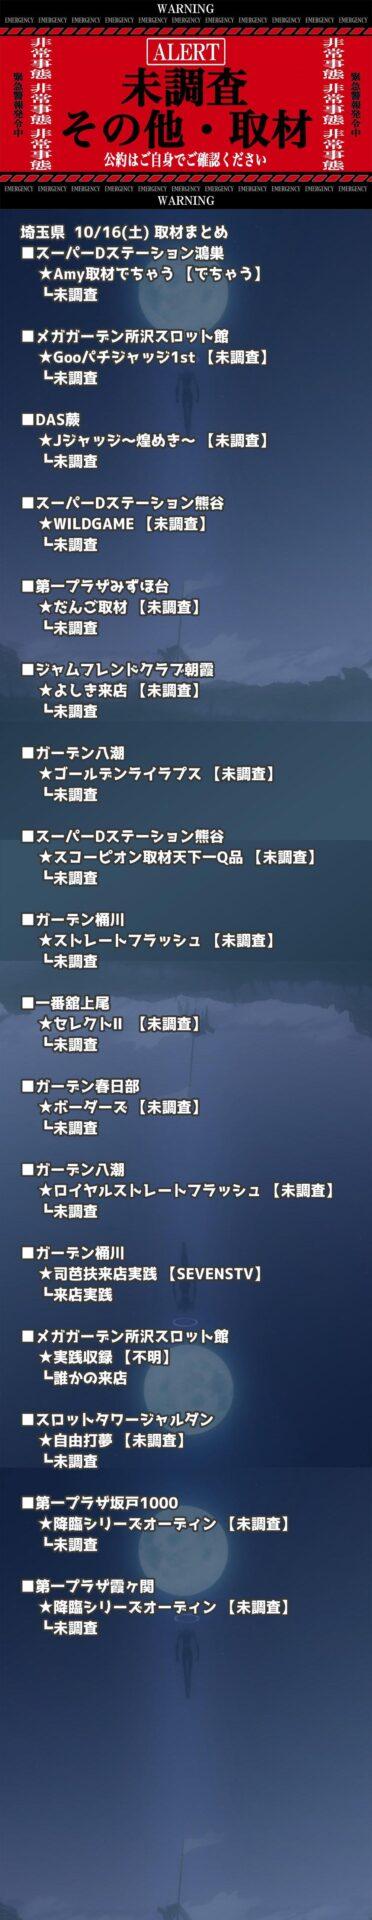 埼玉県_2021-10-16_未調査_パチンコ・パチスロ